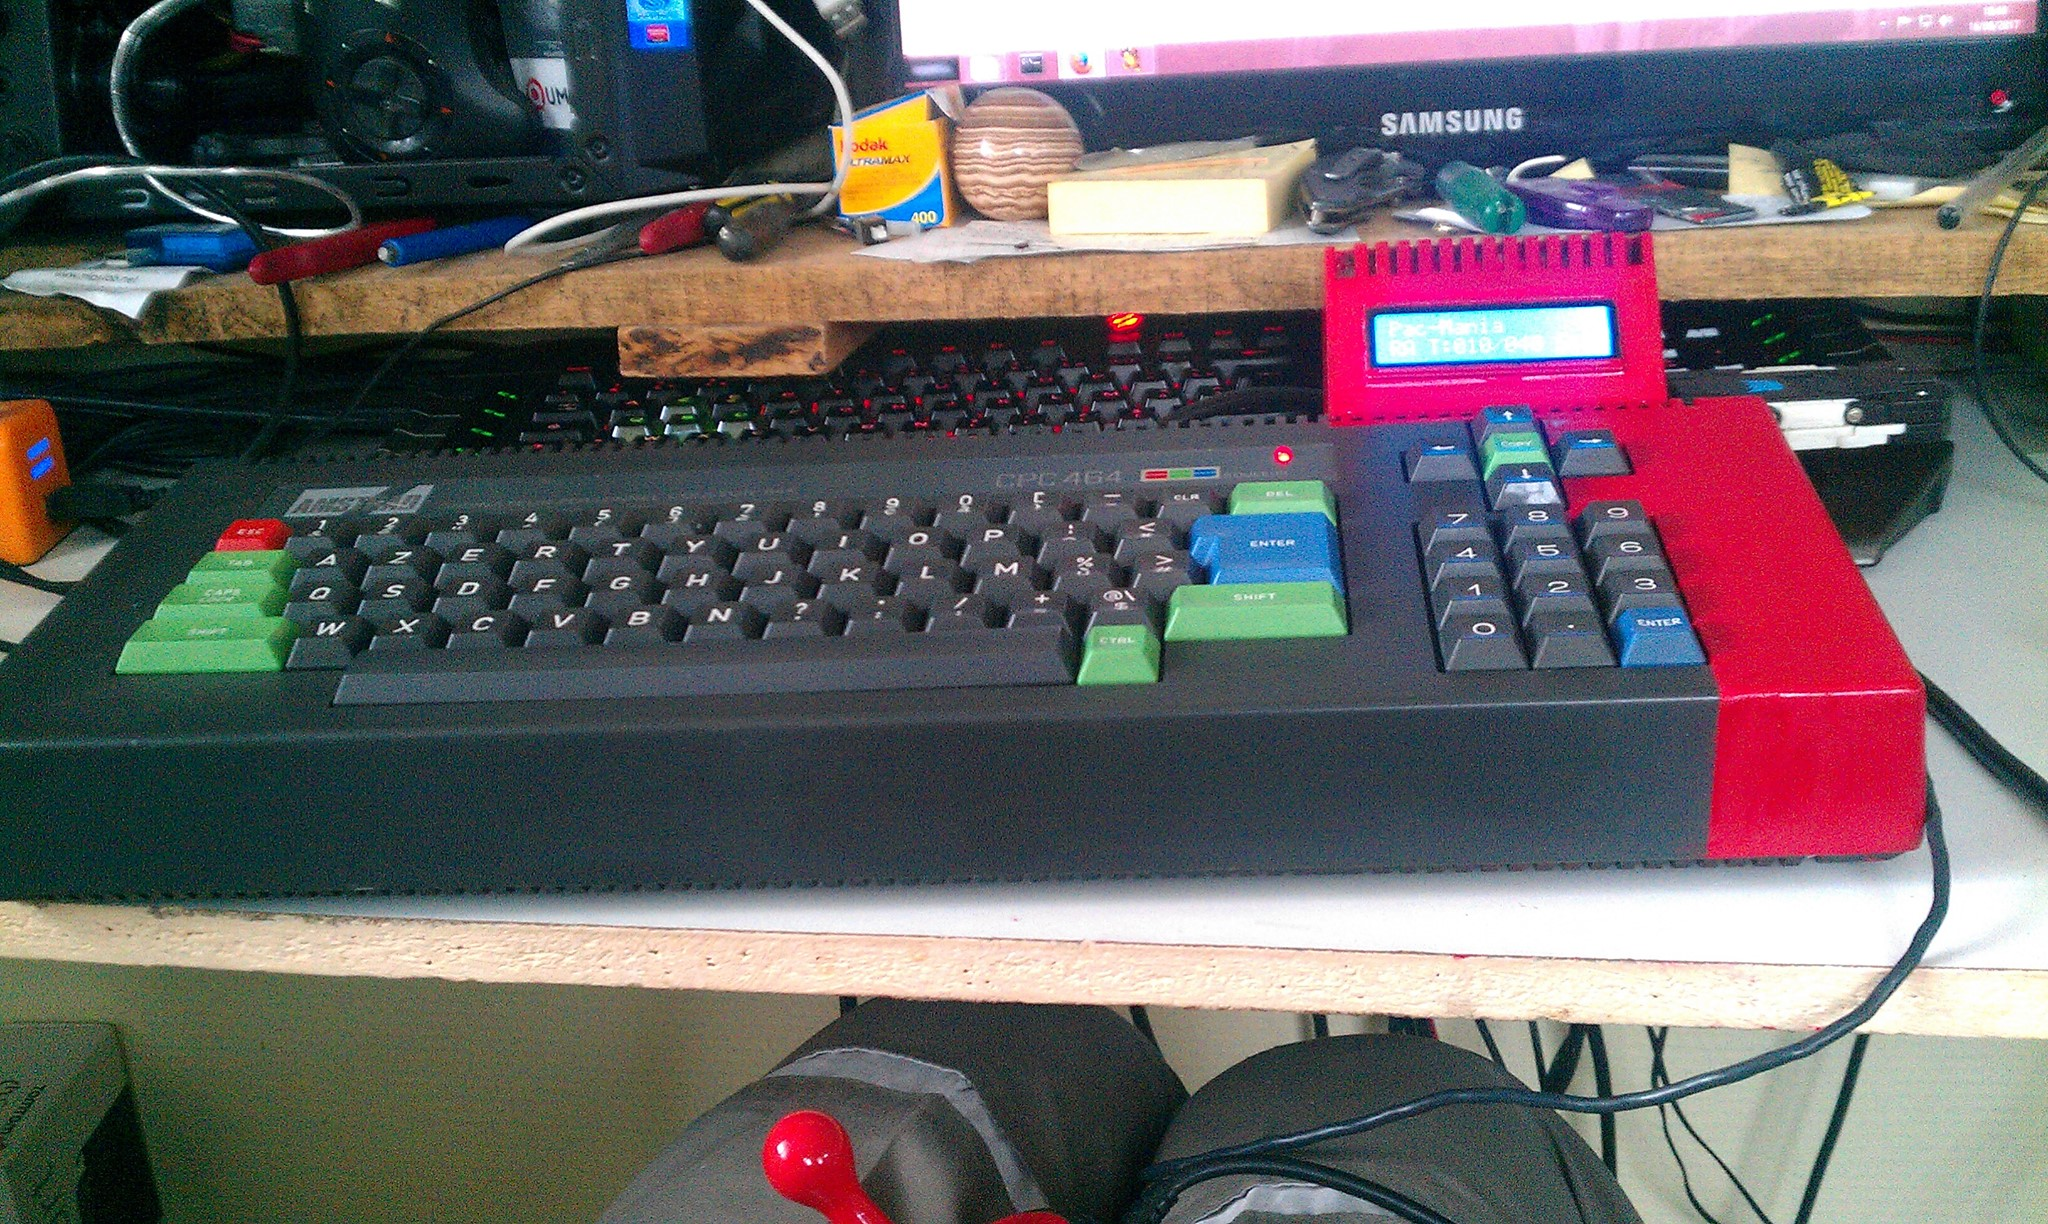 Amstrad CPC 464 sans lecteur de disquettes 2 sur 3 par Olivier Bruneau